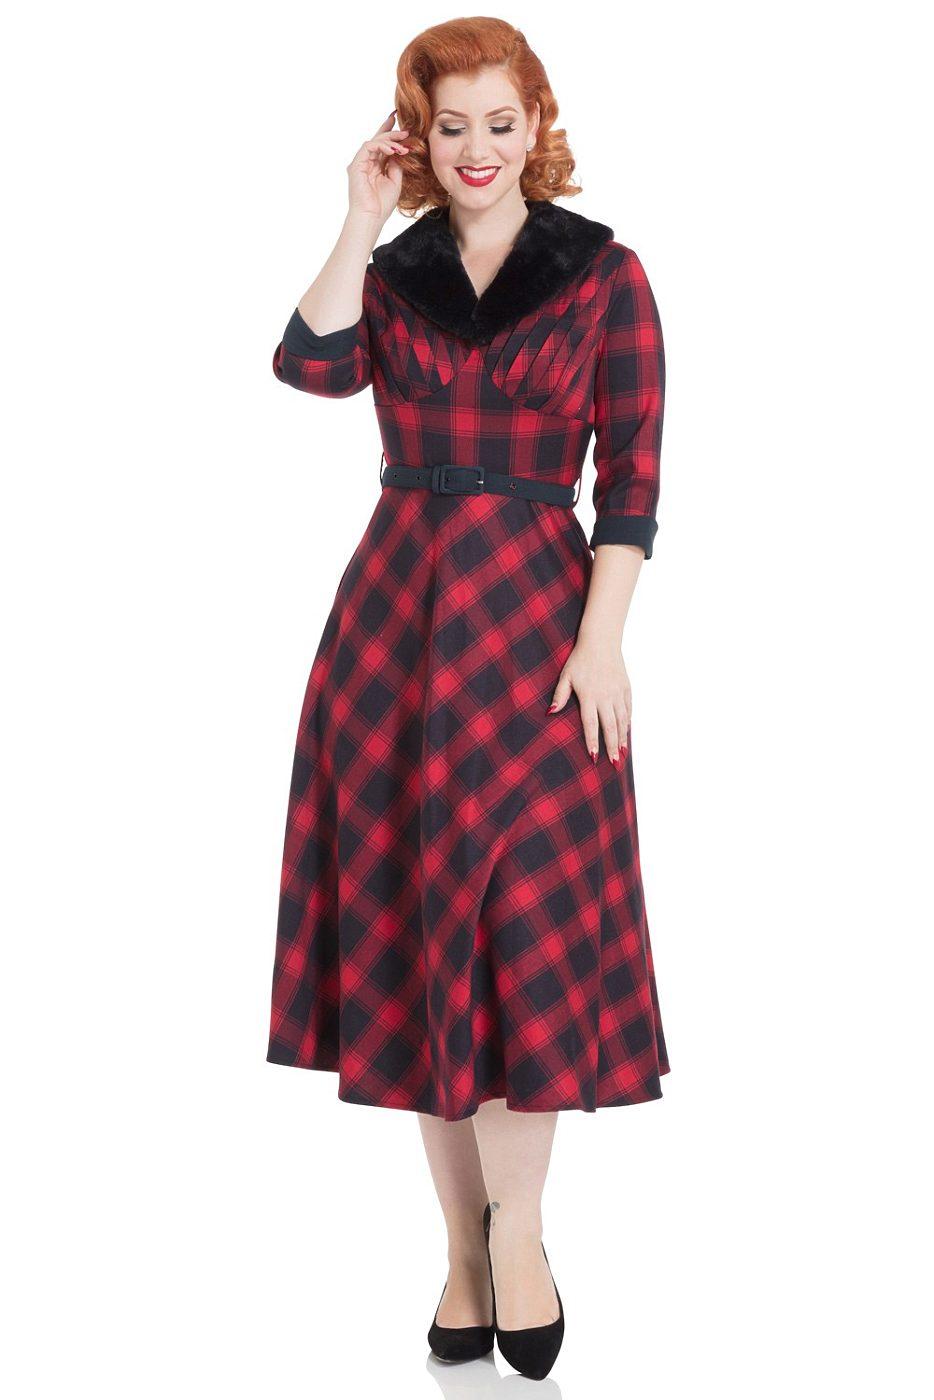 Tartanové červené šaty s kožešinovým límcem Voodoo Vixen Lola 774c78c65f